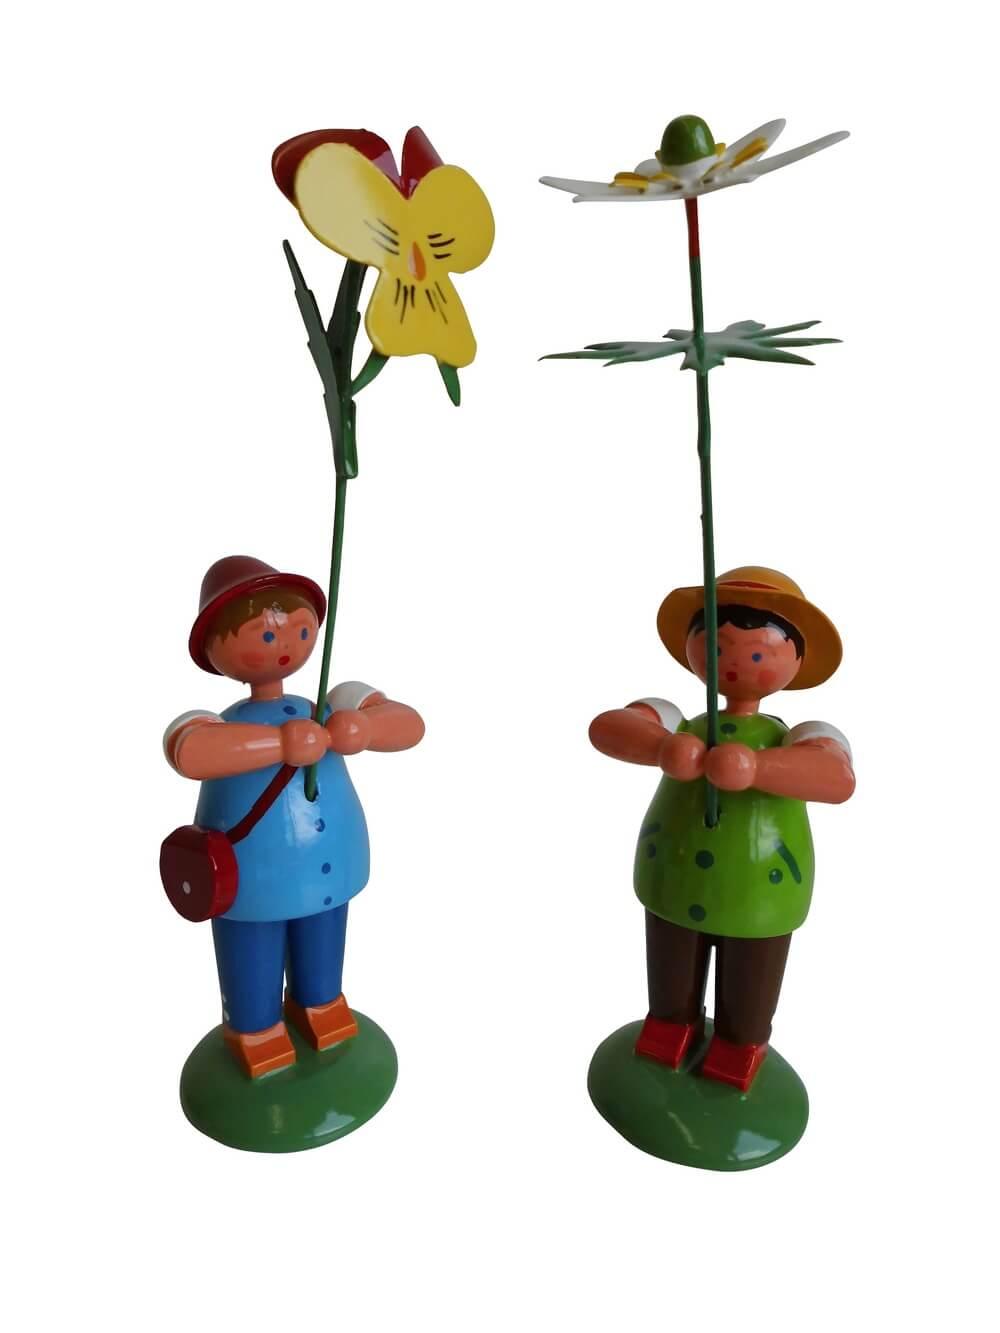 Blumenkinder - Wiesenblumenjungen, 2 Stück, 12 cm von WEHA-Kunst Dippoldiswalde/ Erzgebirge